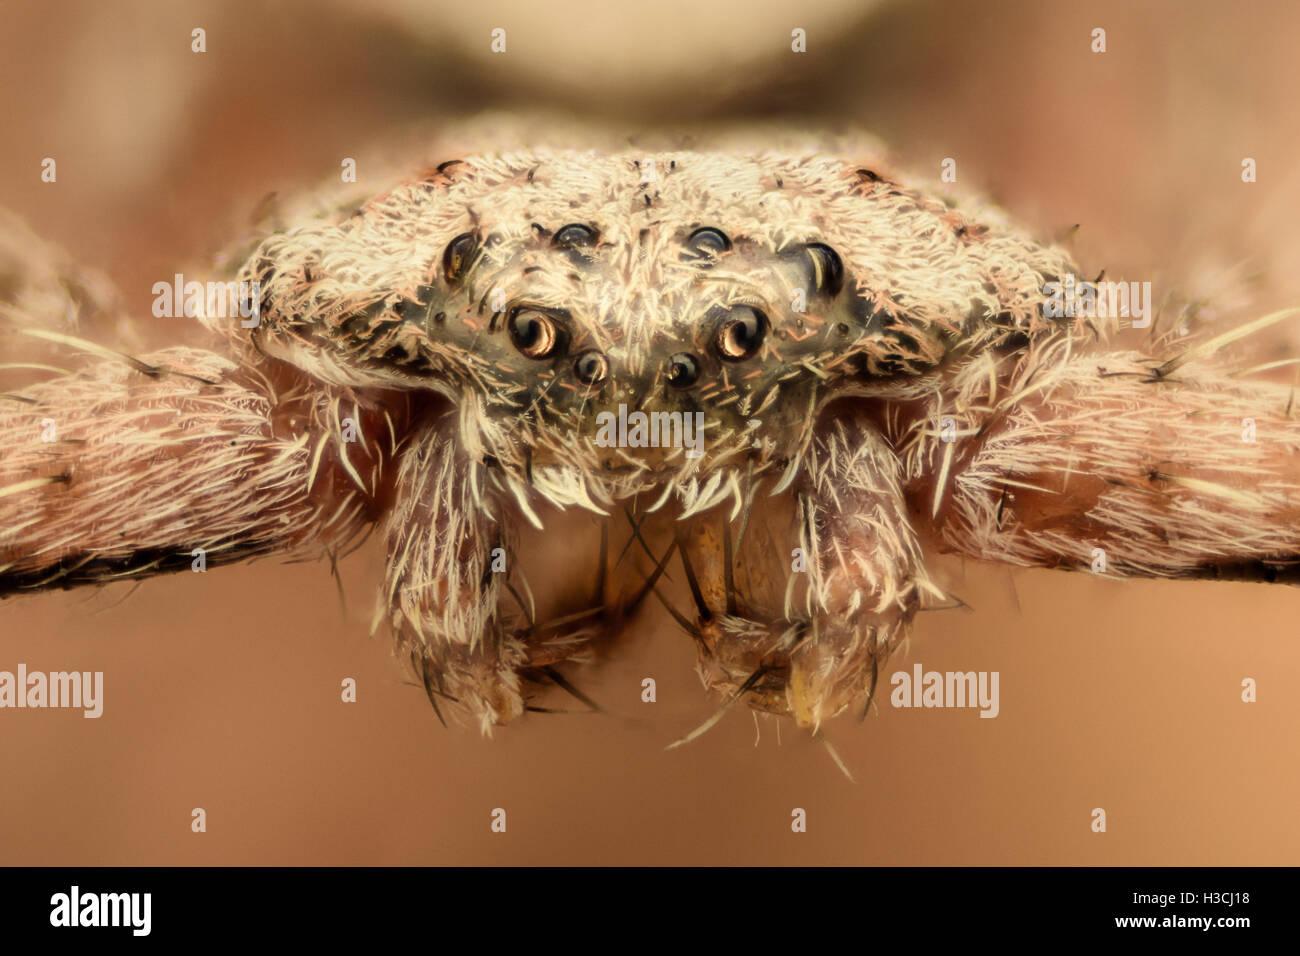 Extreme Vergrößerung - flache Spinne, Krabben, Vorderansicht Stockbild